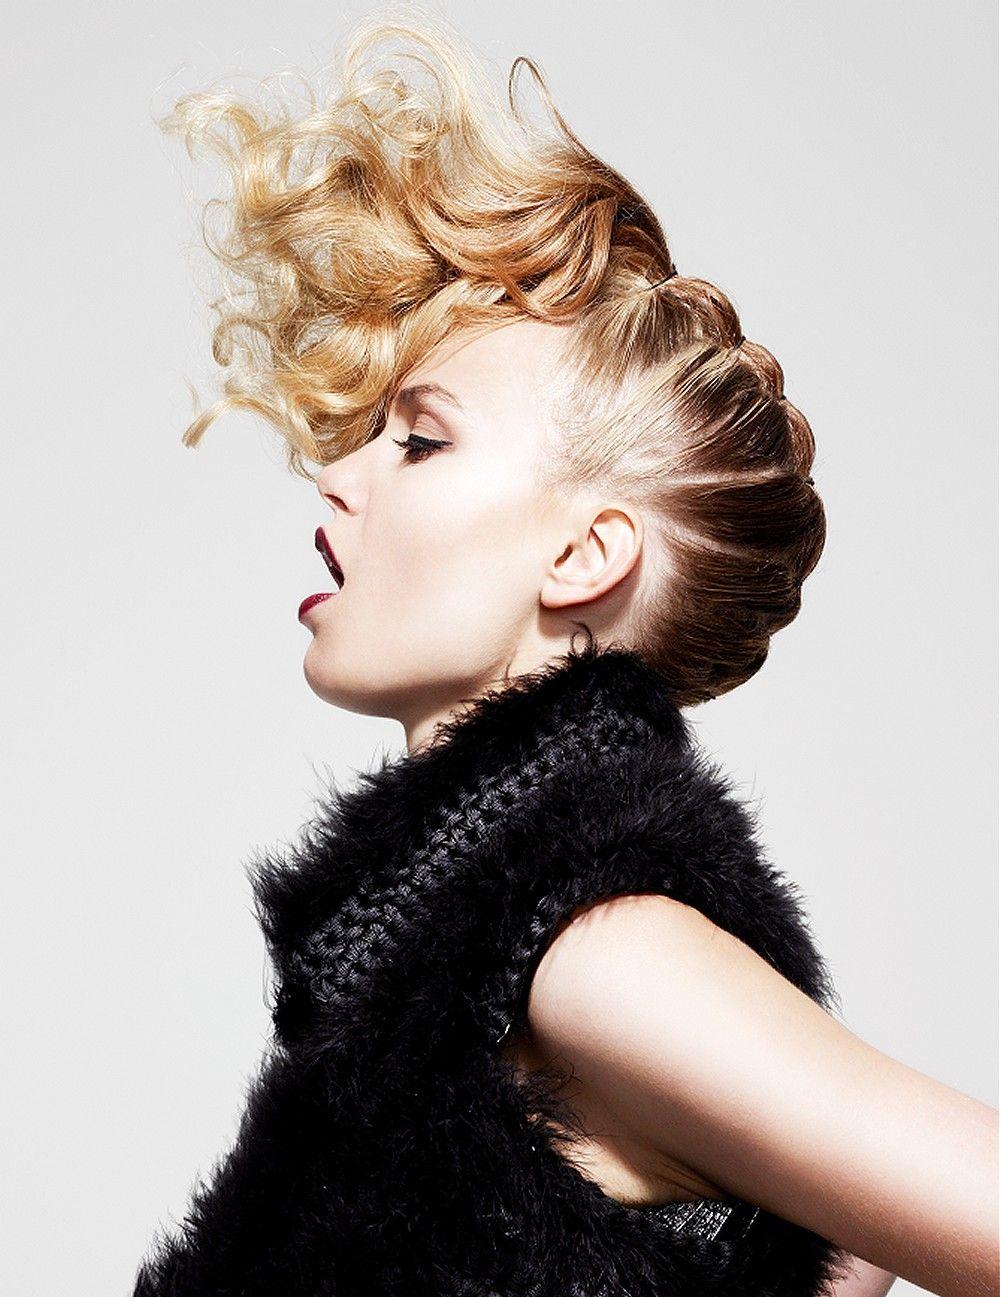 Las mejores variaciones de peinados cresta Galeria De Cortes De Pelo Tendencias - 15 Peinado Cresta Mujer Pelo Largo   Las Mejores Imágenes ...